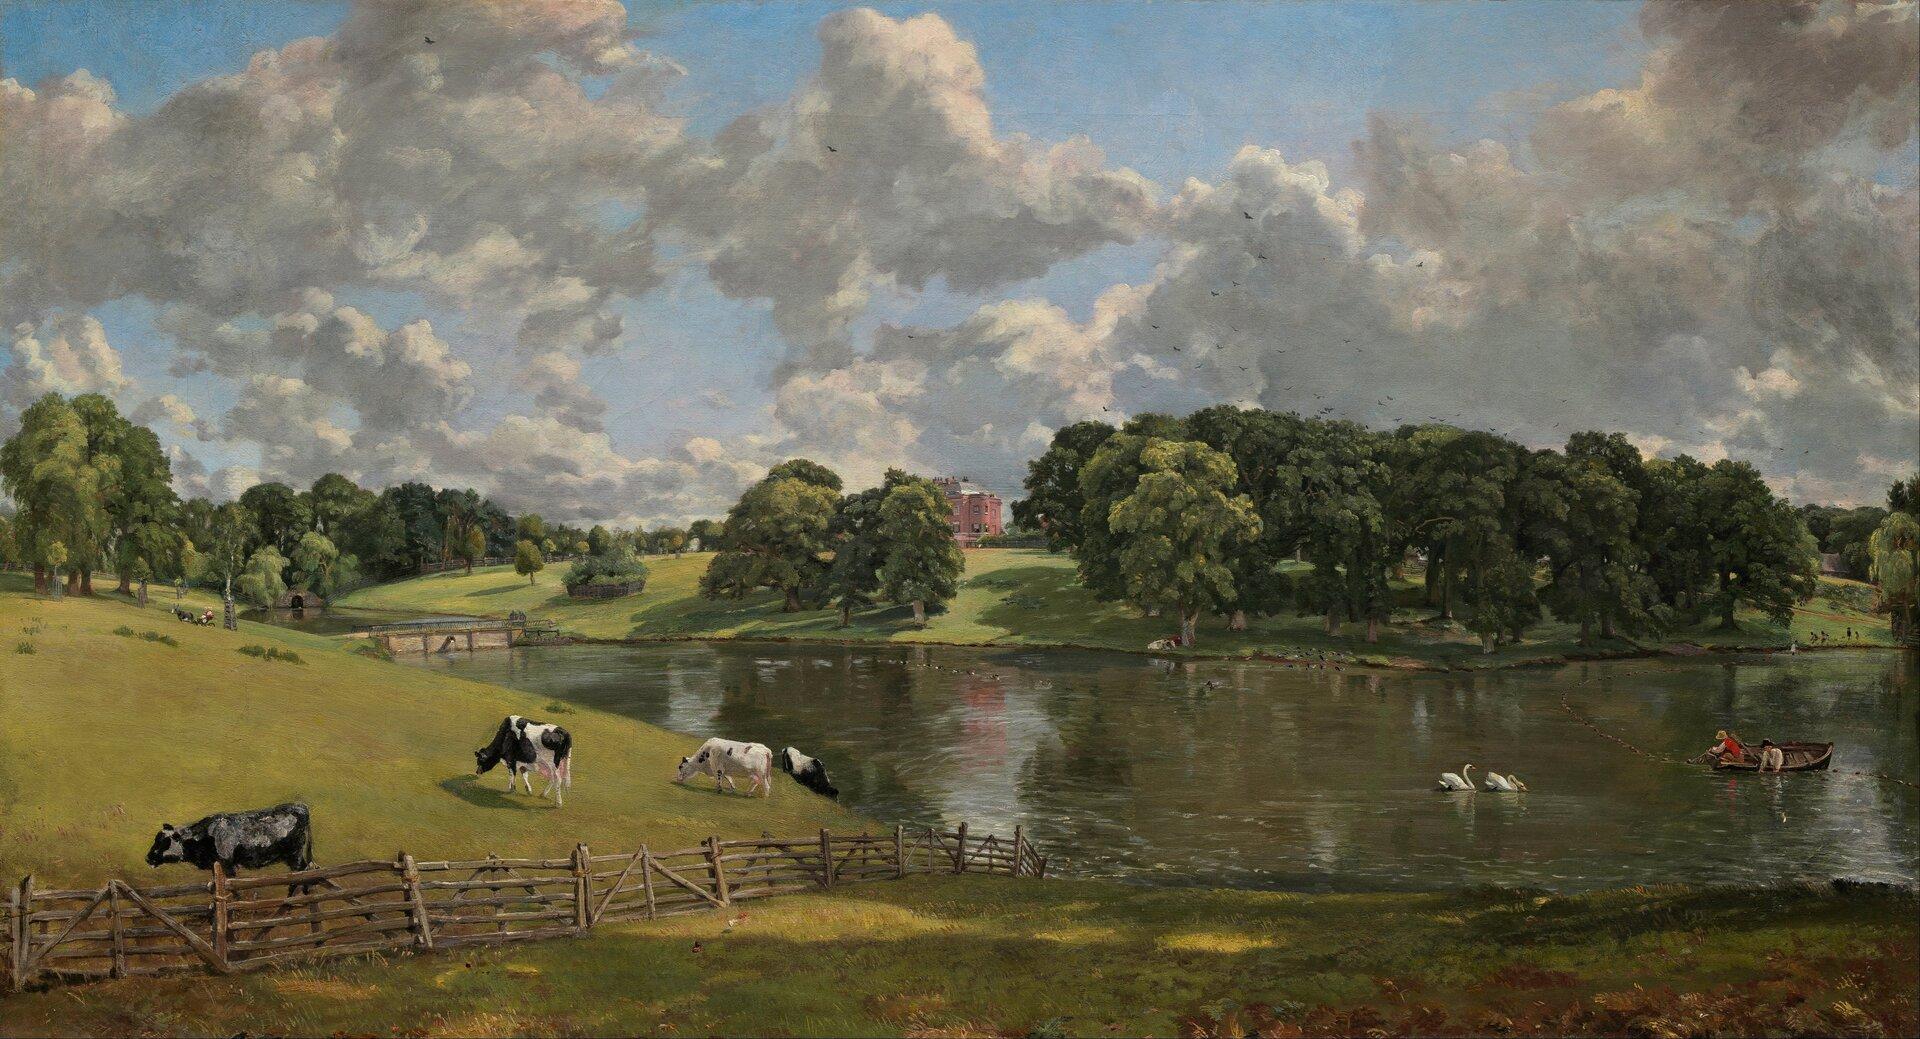 Park Wivenhoe Źródło: John Constable, Park Wivenhoe, 1816, olej na płótnie, National Gallery of Art, domena publiczna.